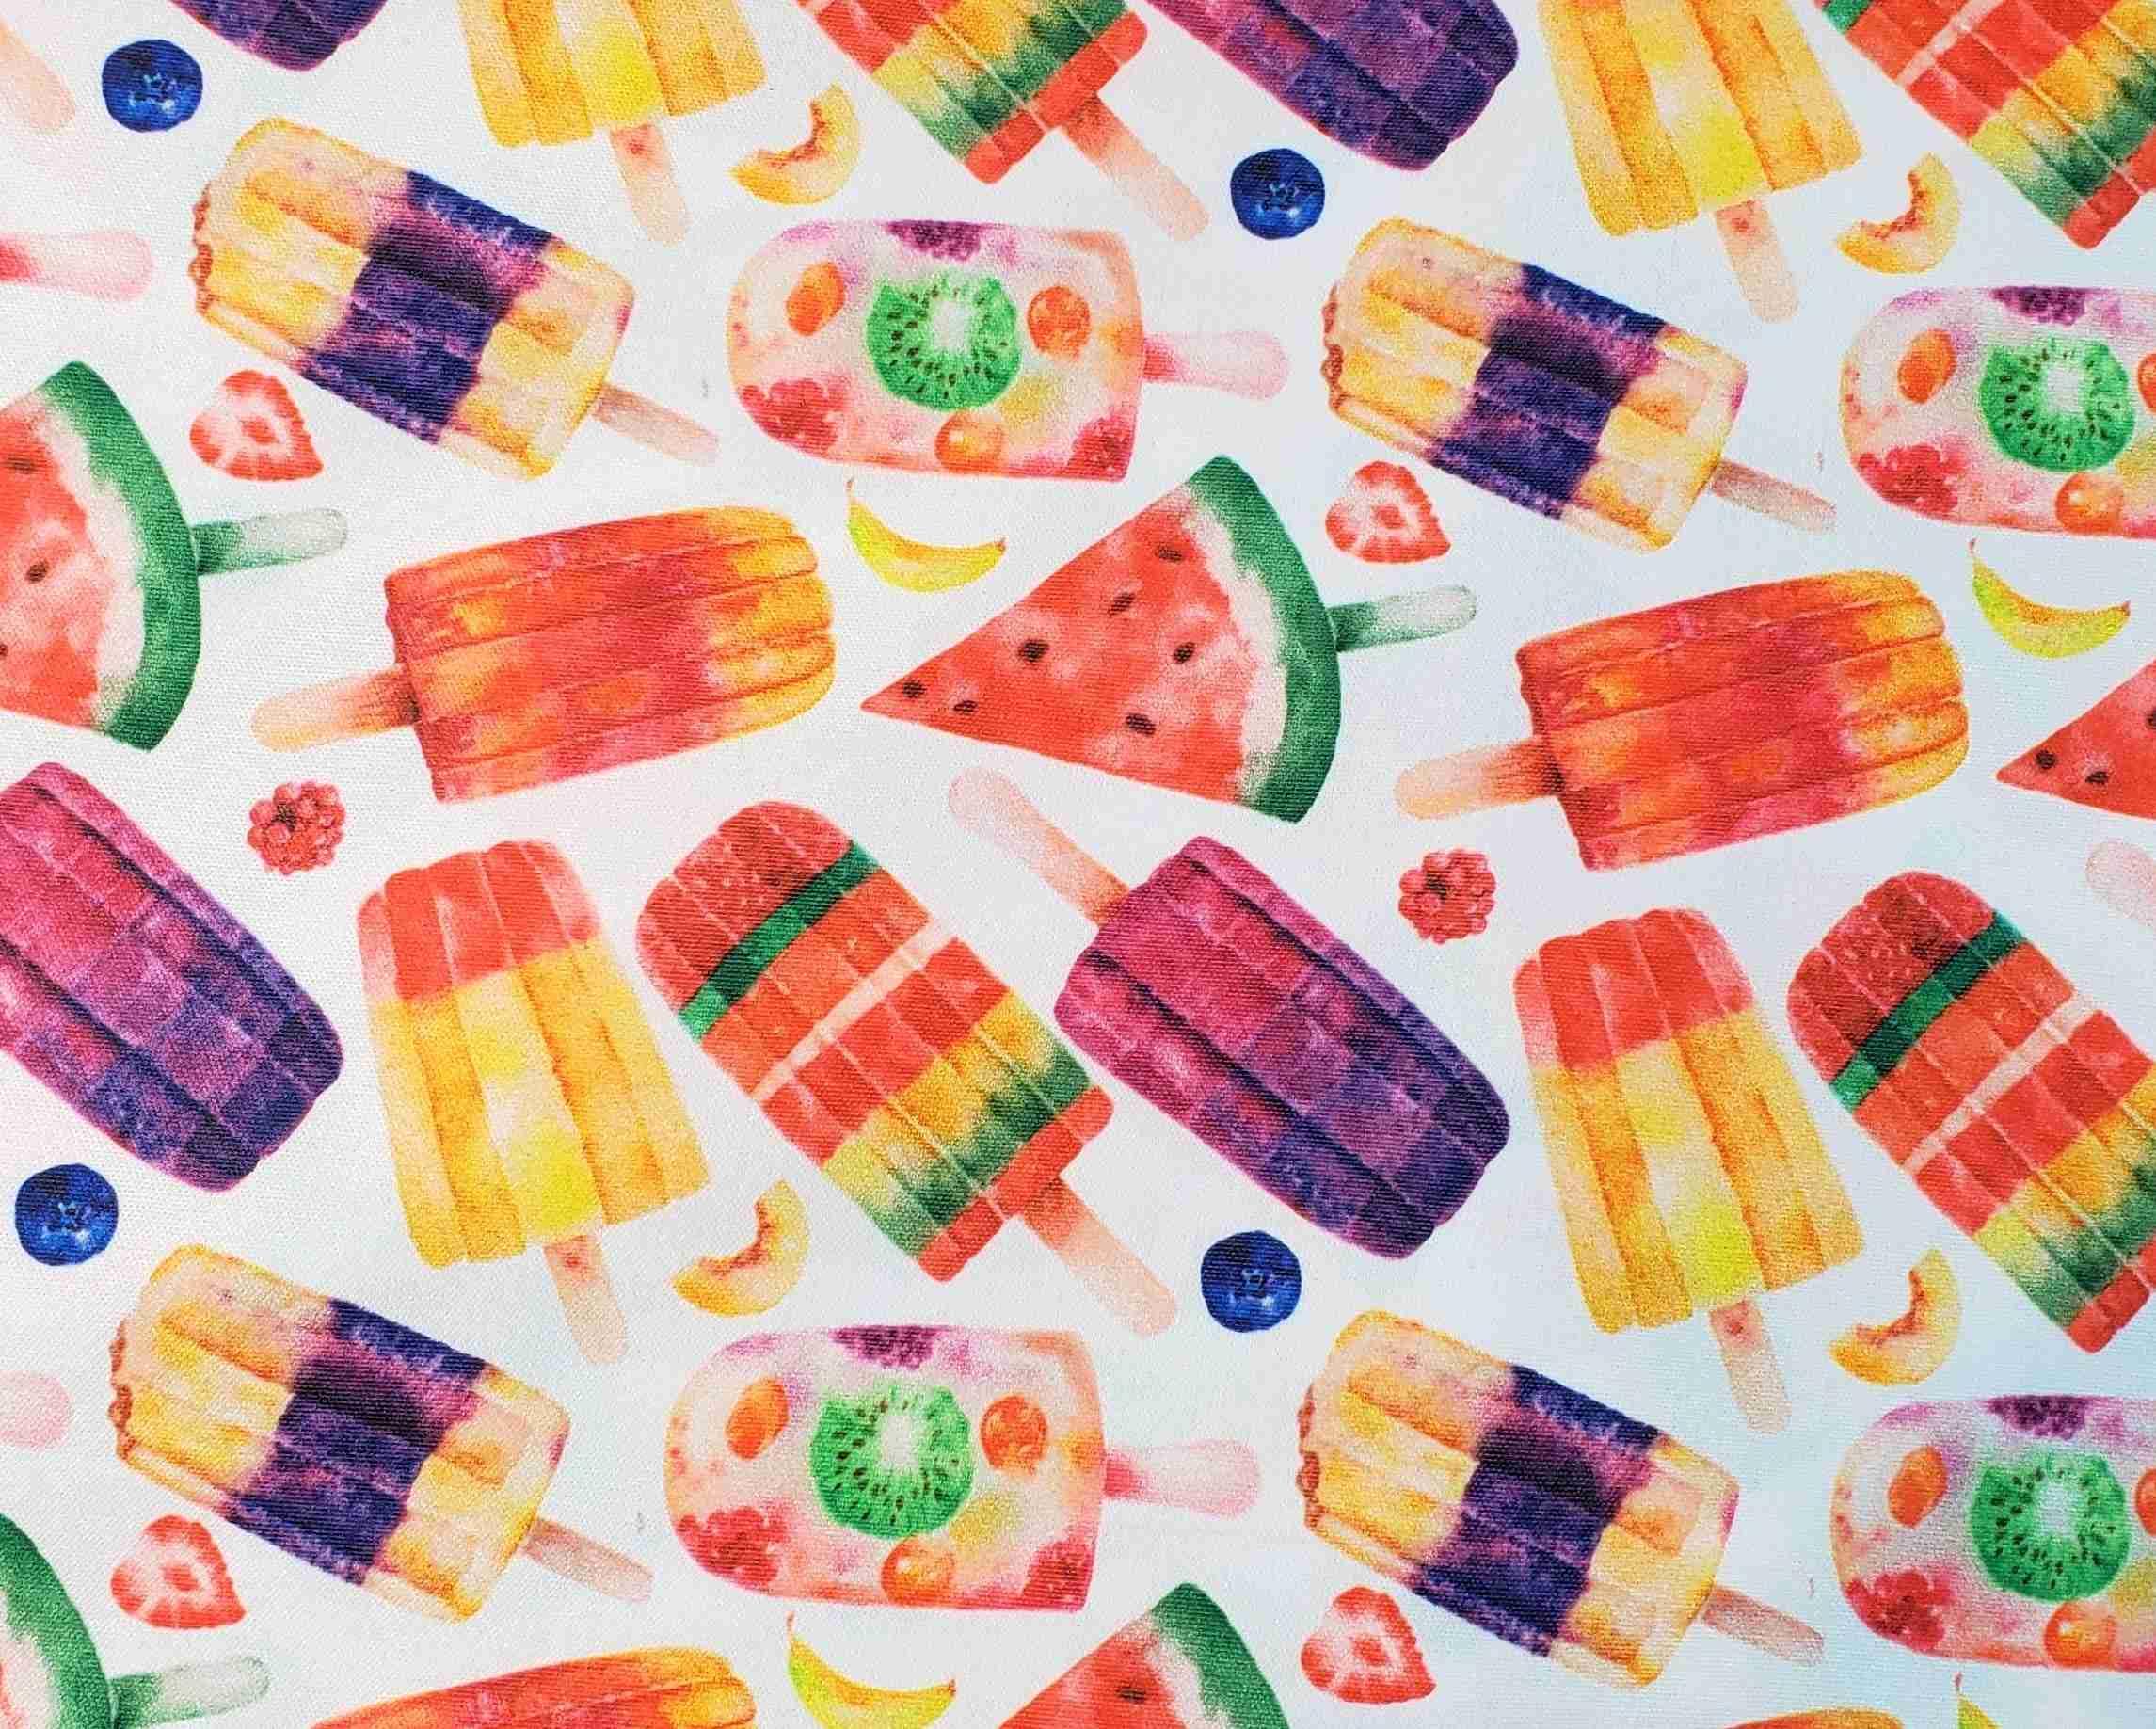 PUL46 Pops aux fruits